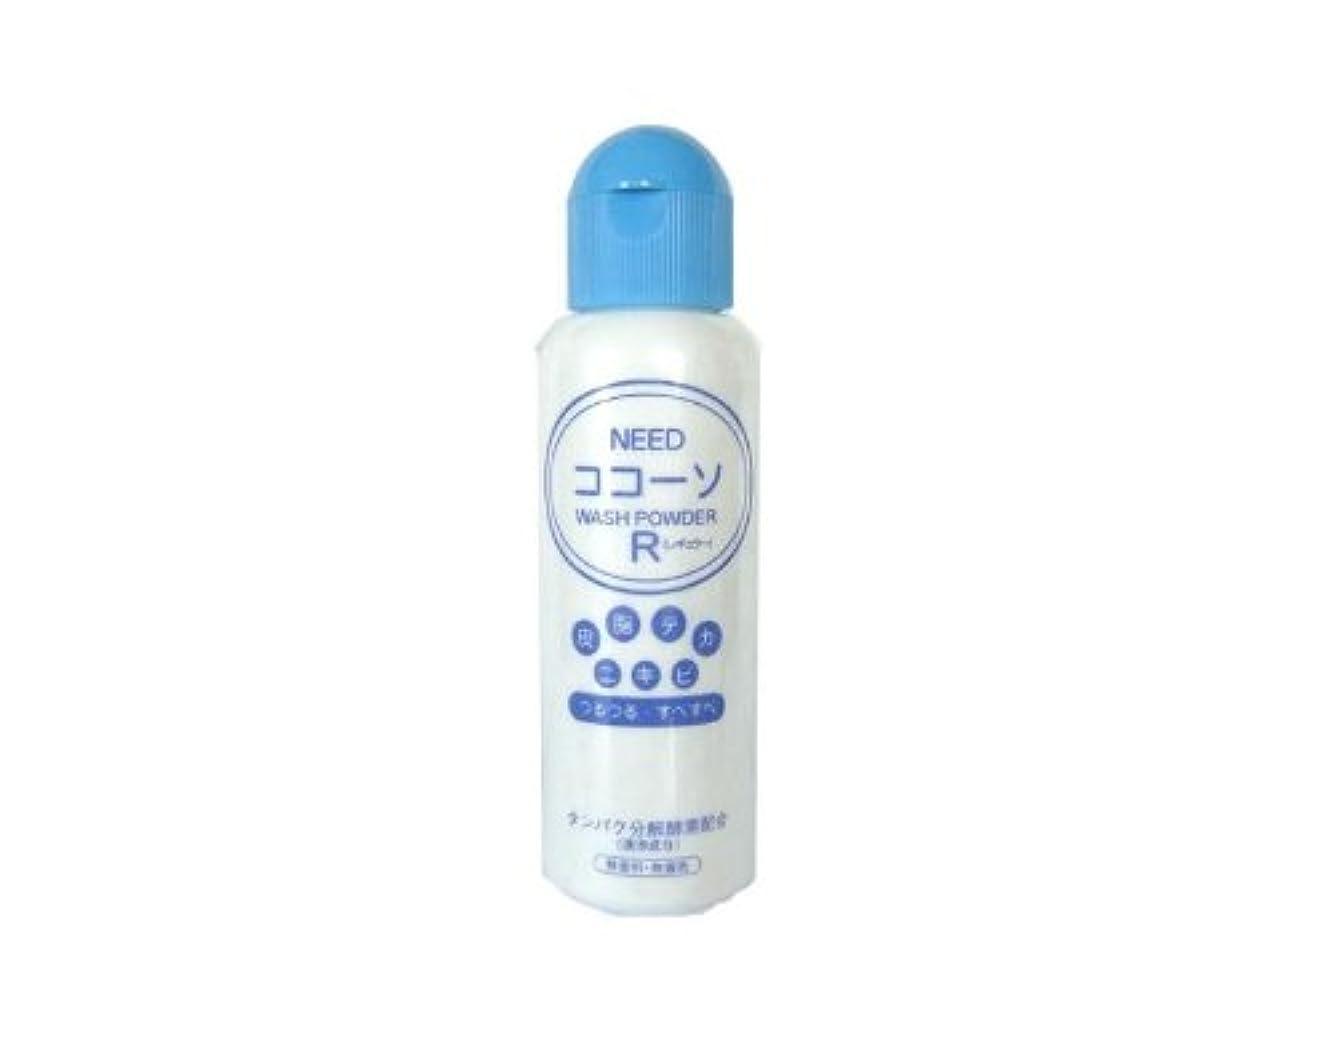 想像力ソーセージマルクス主義ニード ココーソ 洗顔パウダー R(レギュラー) 52g